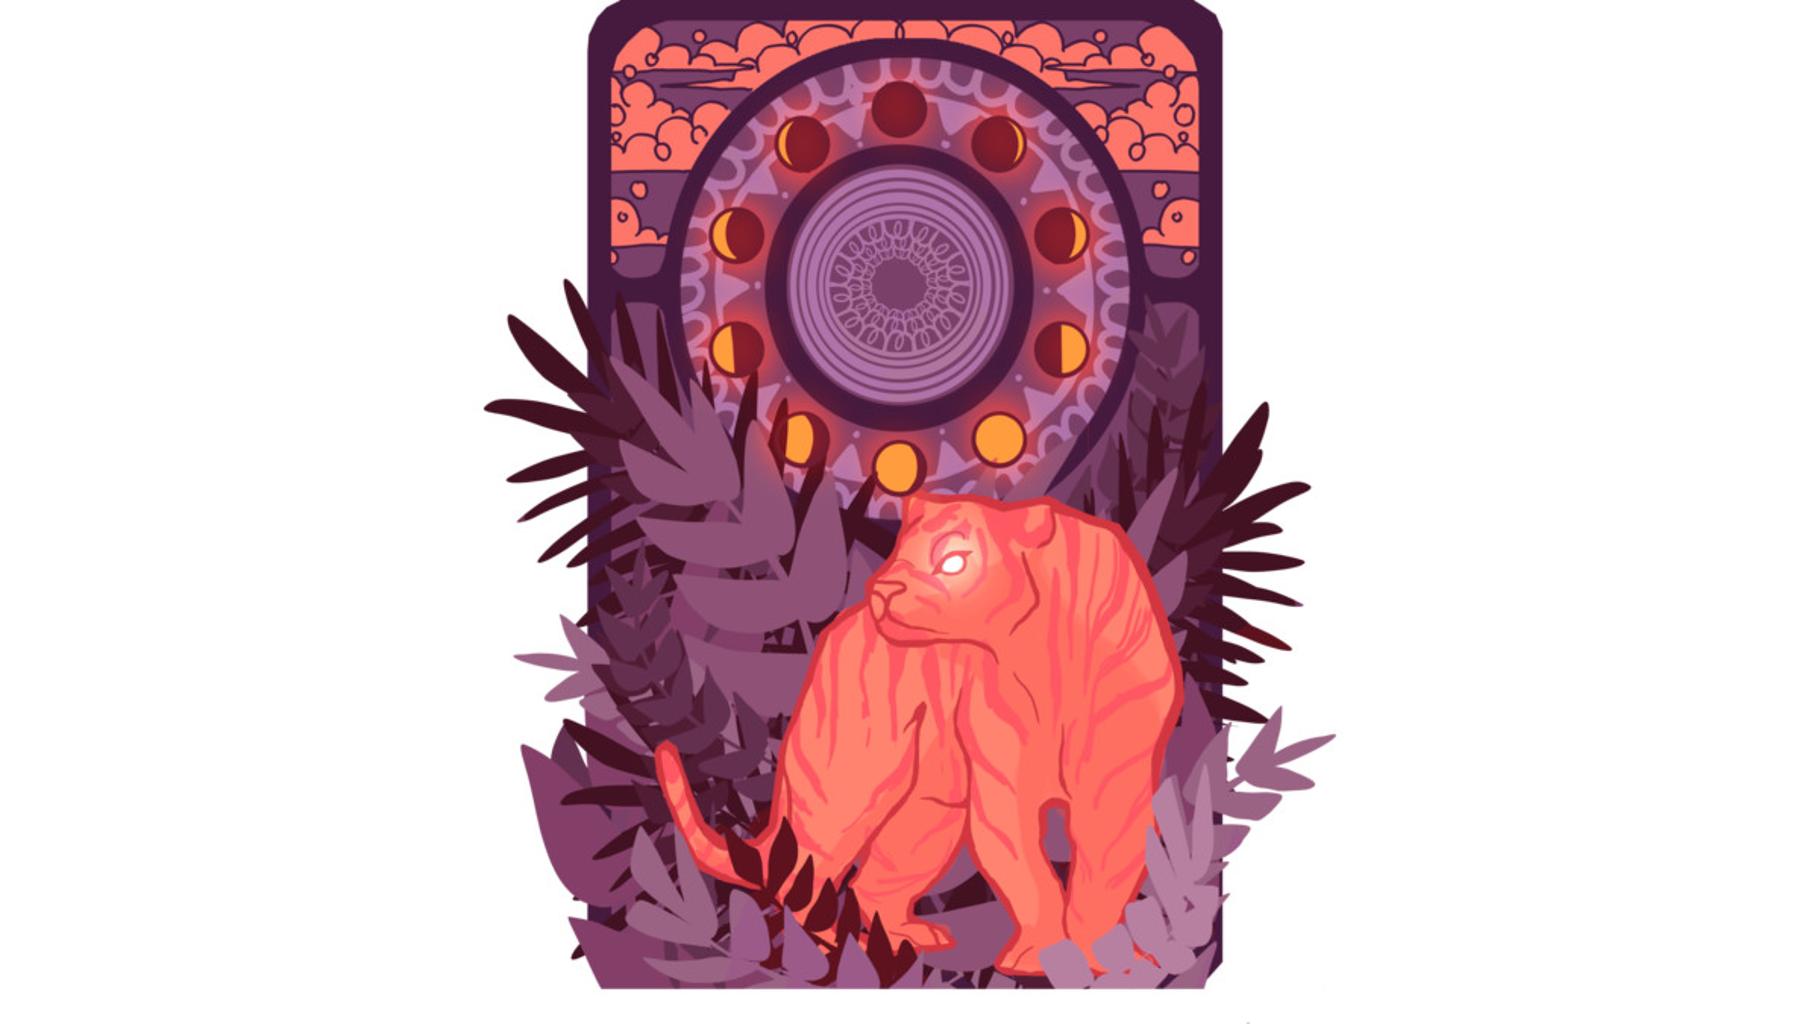 Design by Humans: Tigress Tarot Card